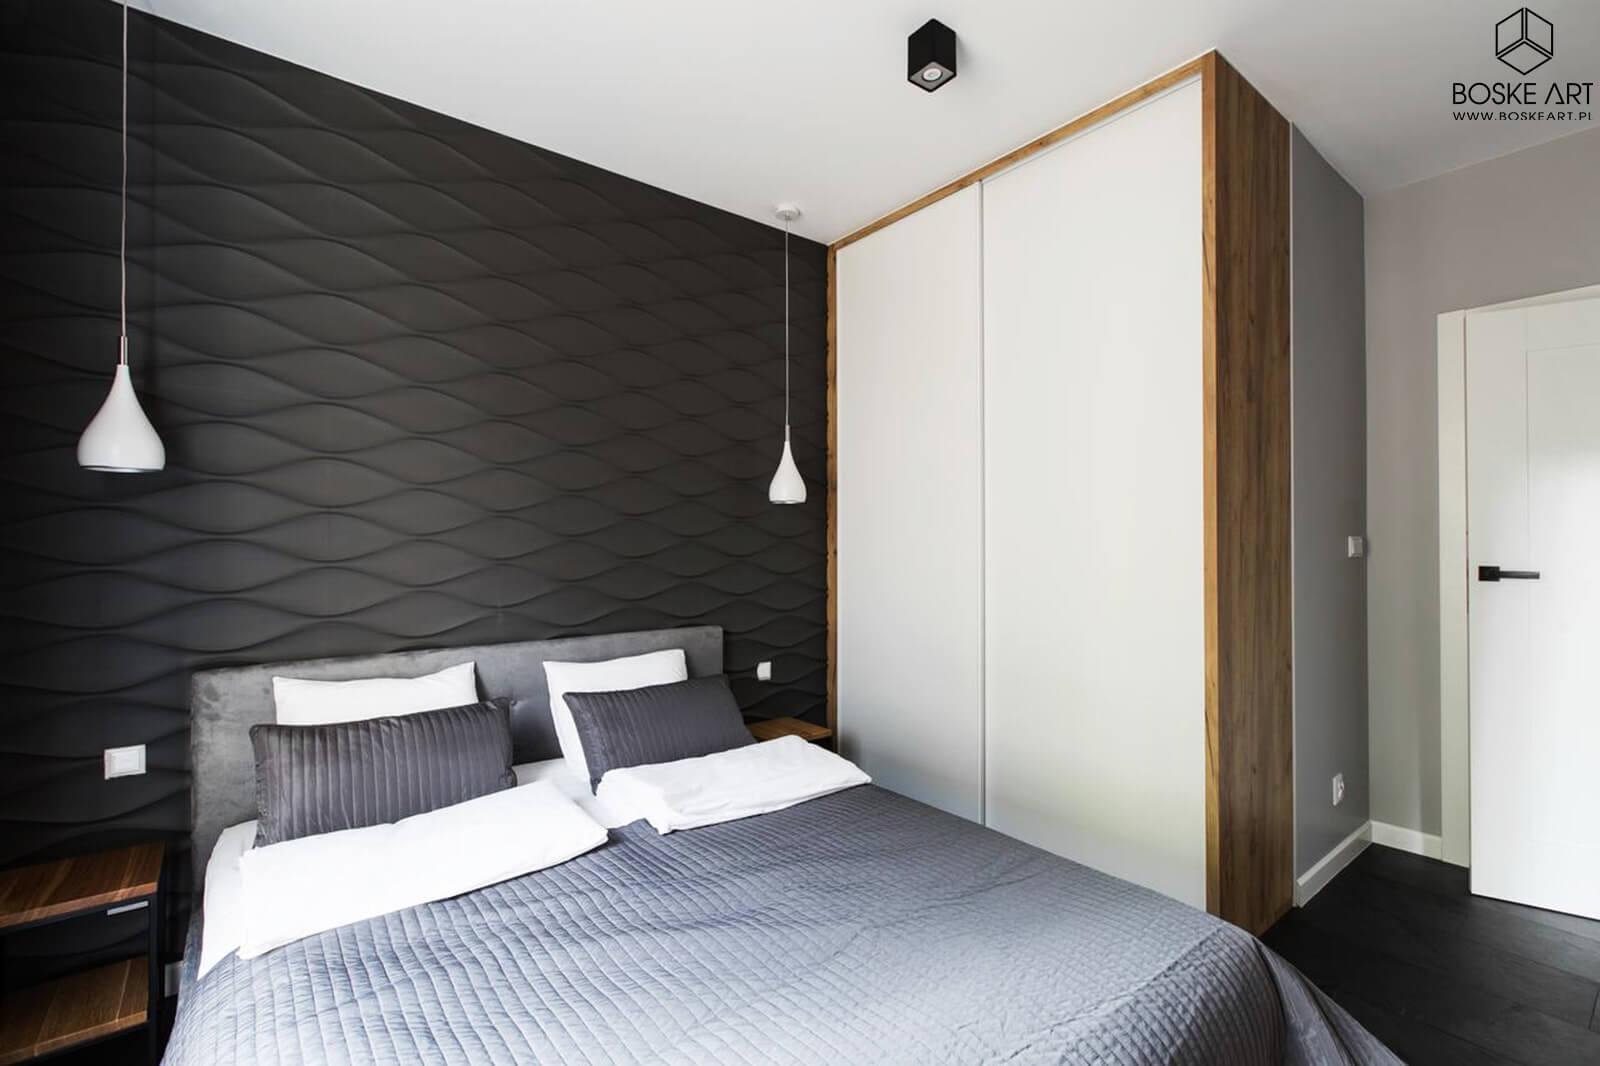 12_apartamenty_poznan_boske_art_projektowanie_aranzacja_architektura_wnetrz_natalia_robaszkeiwicz-min